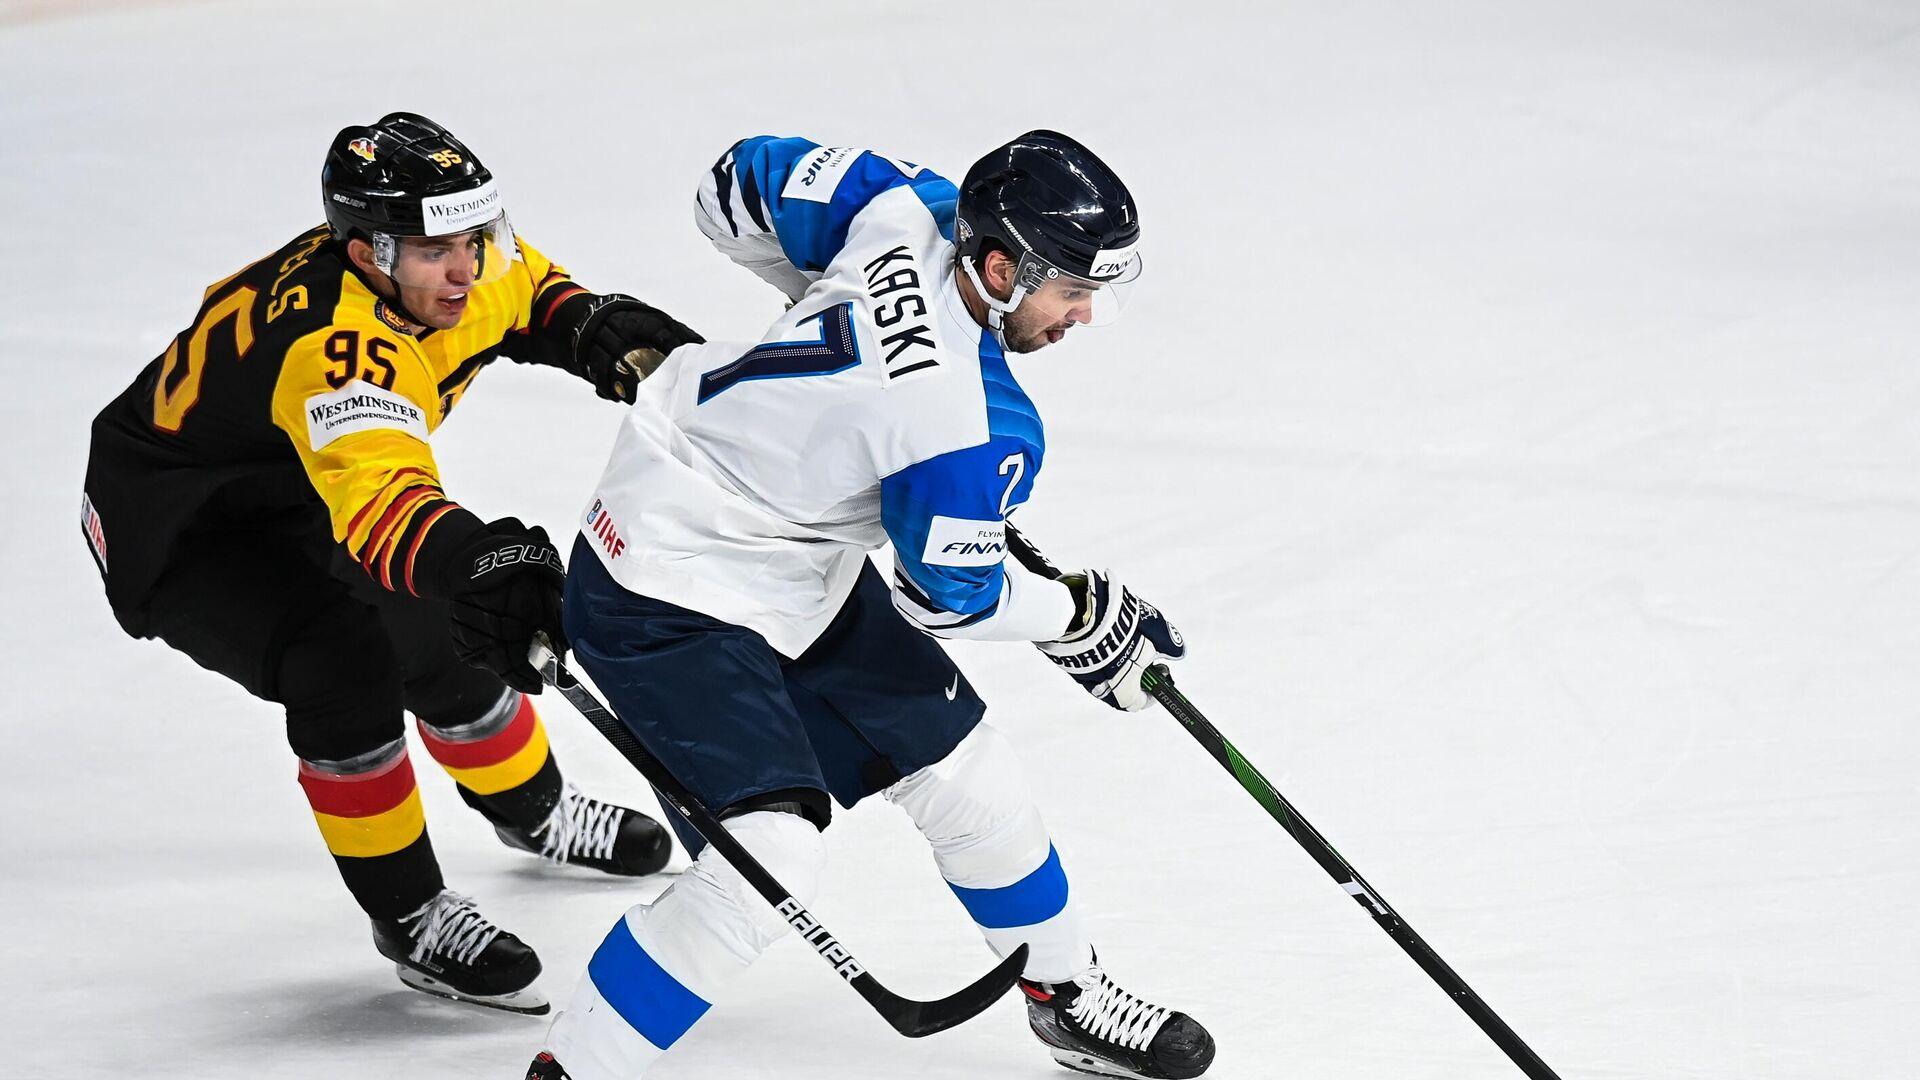 Слева направо: Фредерик Тиффельс (Германия) и Оливер Каски (Финляндия) в матче группового этапа чемпионата мира по хоккею 2021 между сборными командами Германии и Финляндии. - РИА Новости, 1920, 05.06.2021